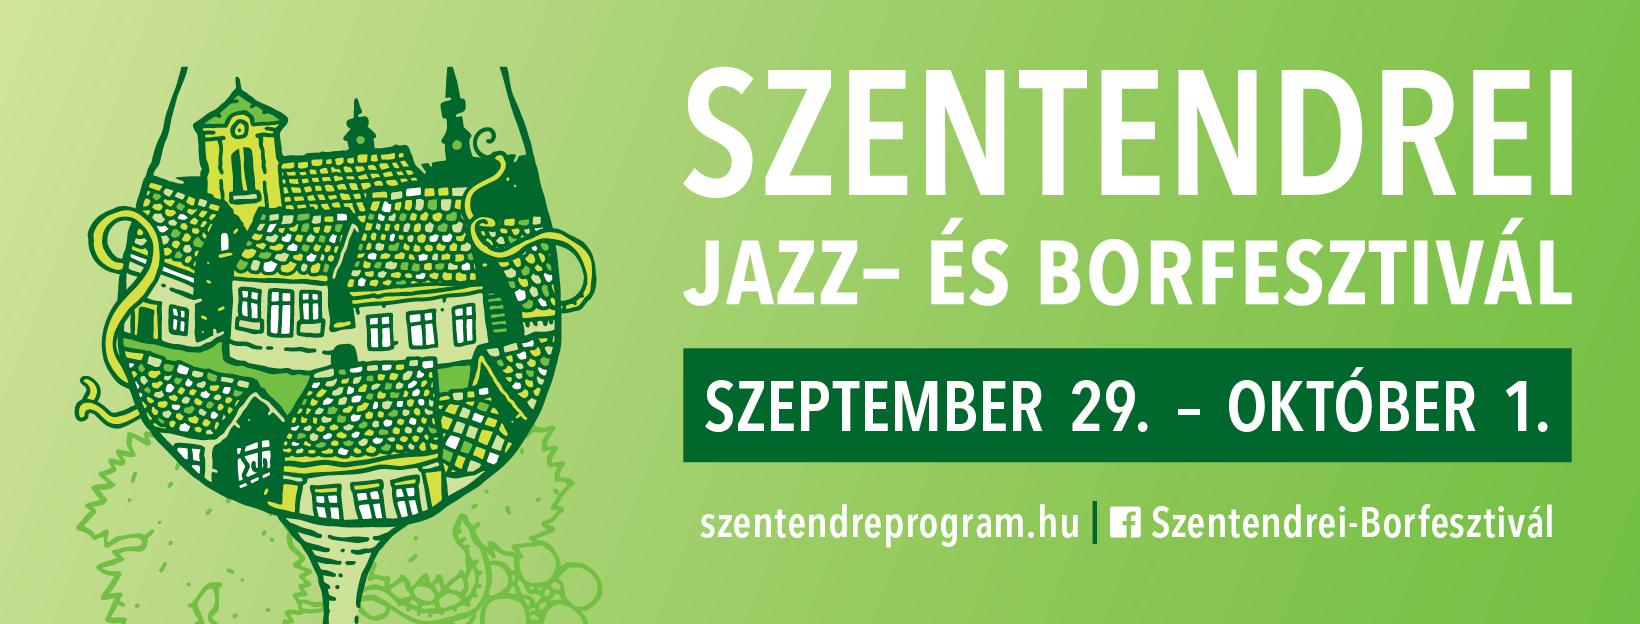 Jön az 5. Szentendrei Jazz- és Borfesztivál